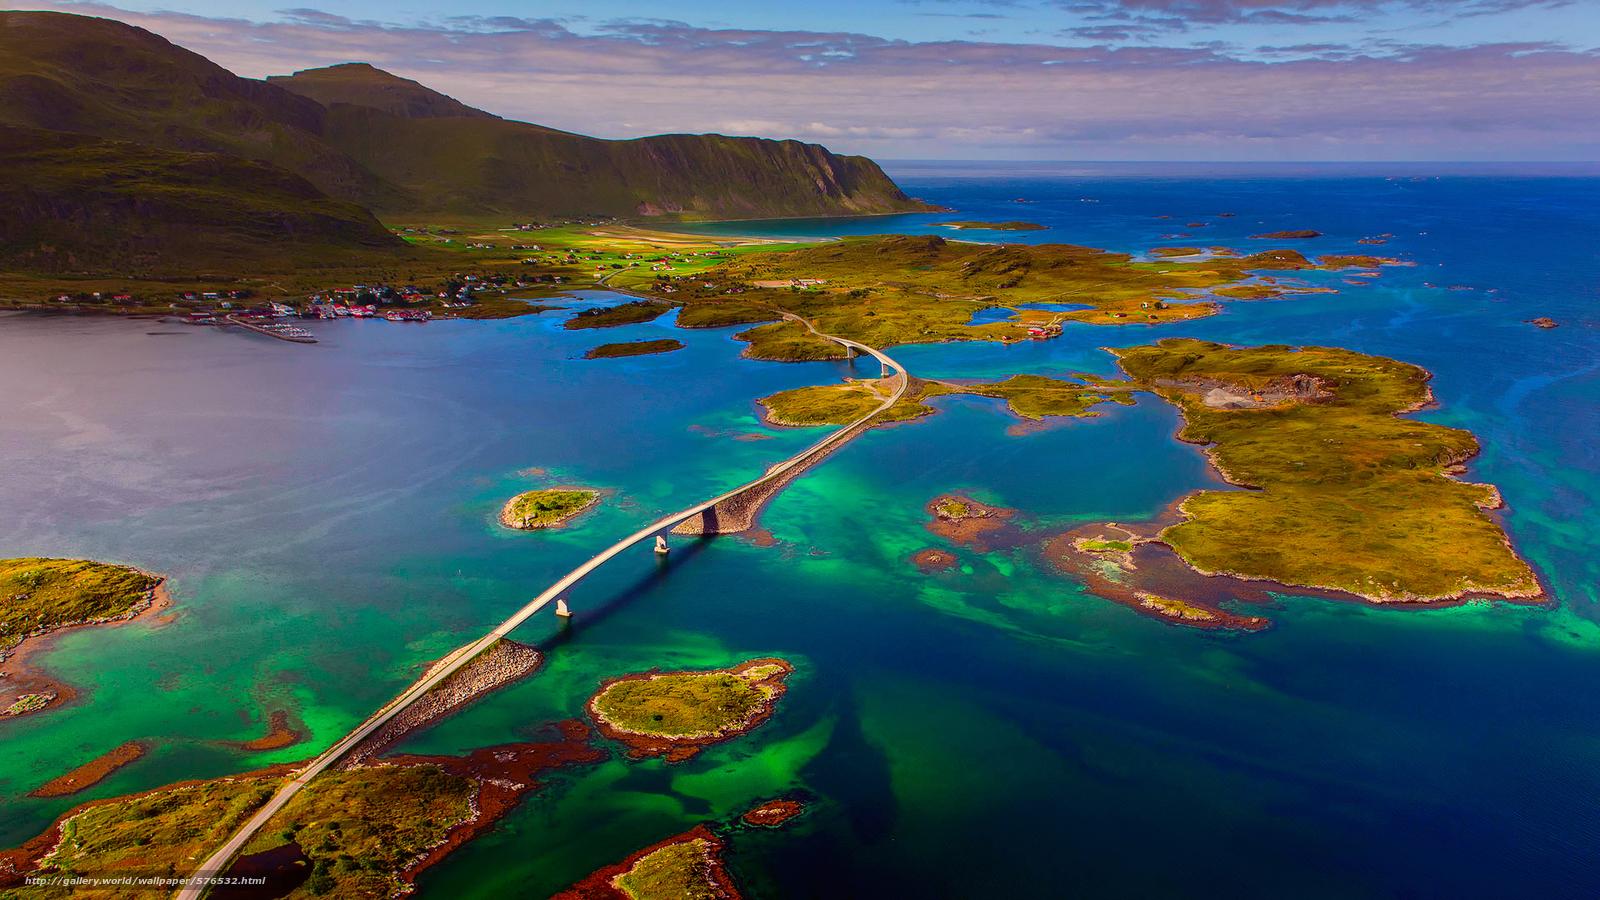 Download wallpaper Norwegian Sea,  Norway,  The Lofoten Islands,  bridge free desktop wallpaper in the resolution 1920x1080 — picture №576532